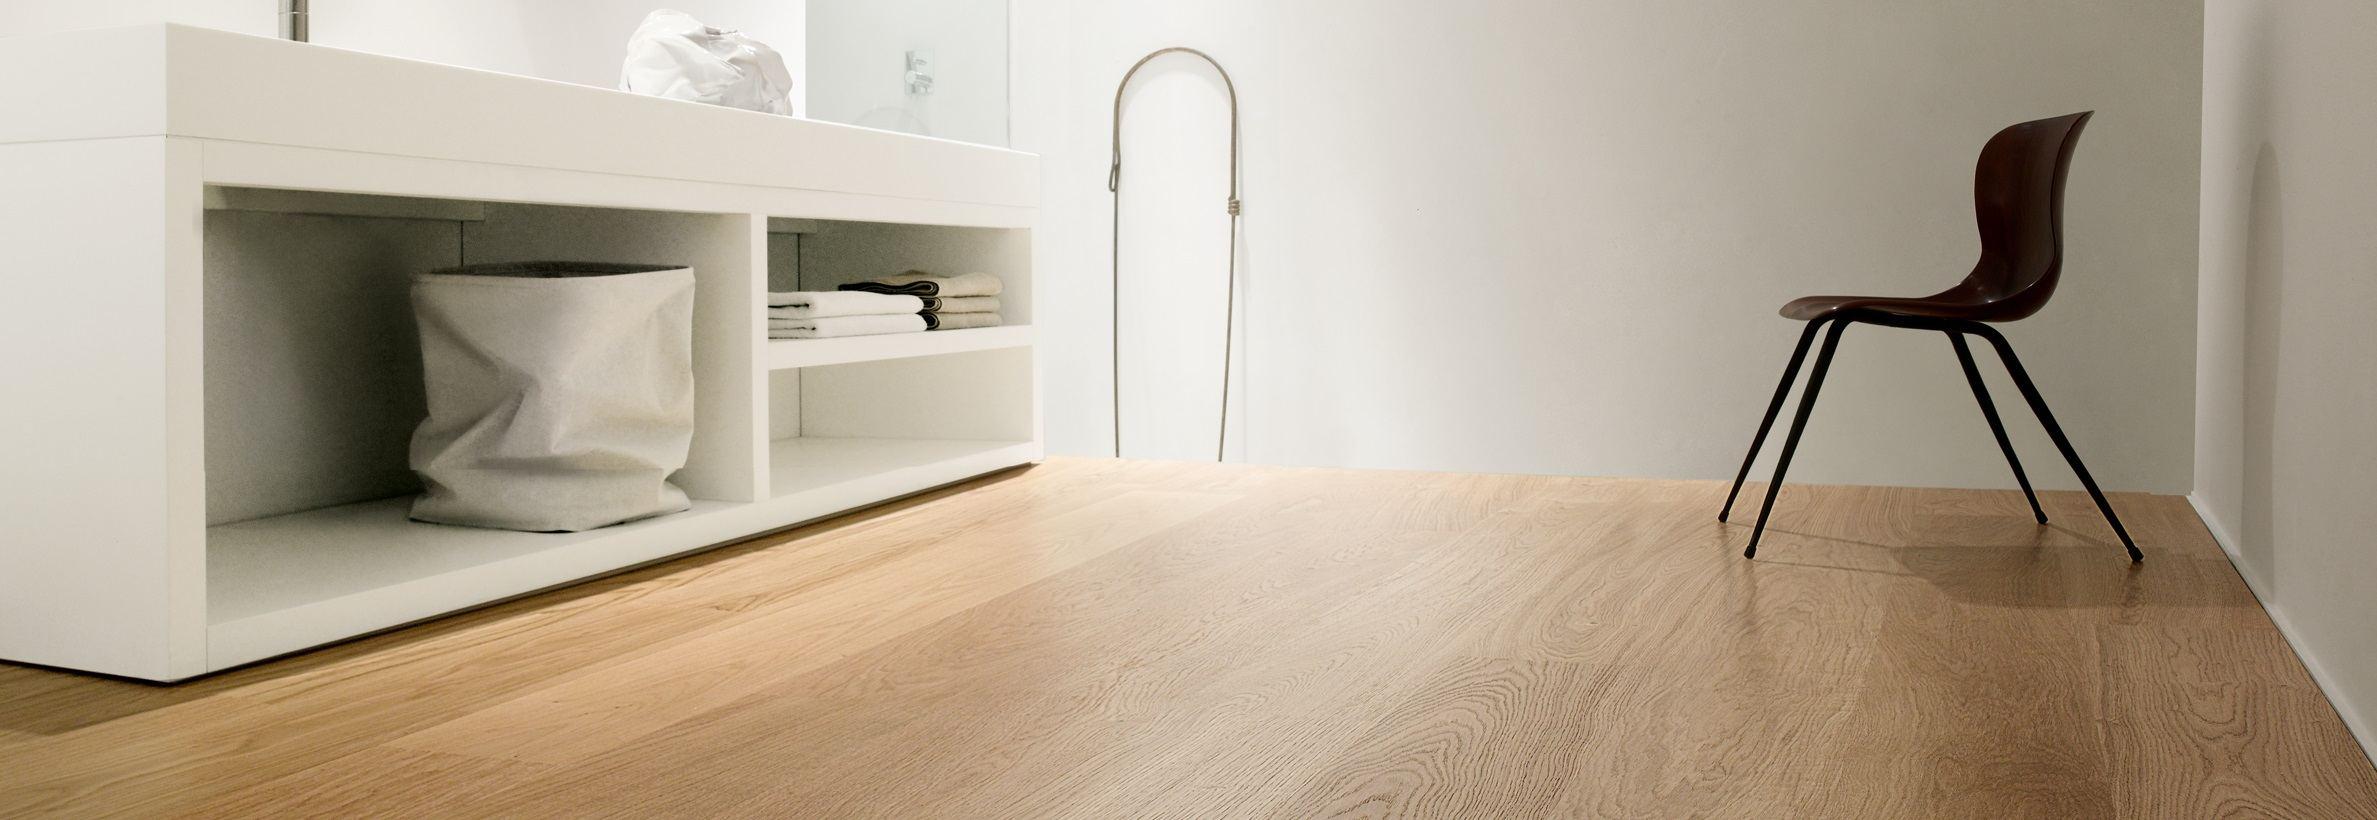 Listone Parkett Plank 190 Eiche puro fibramix